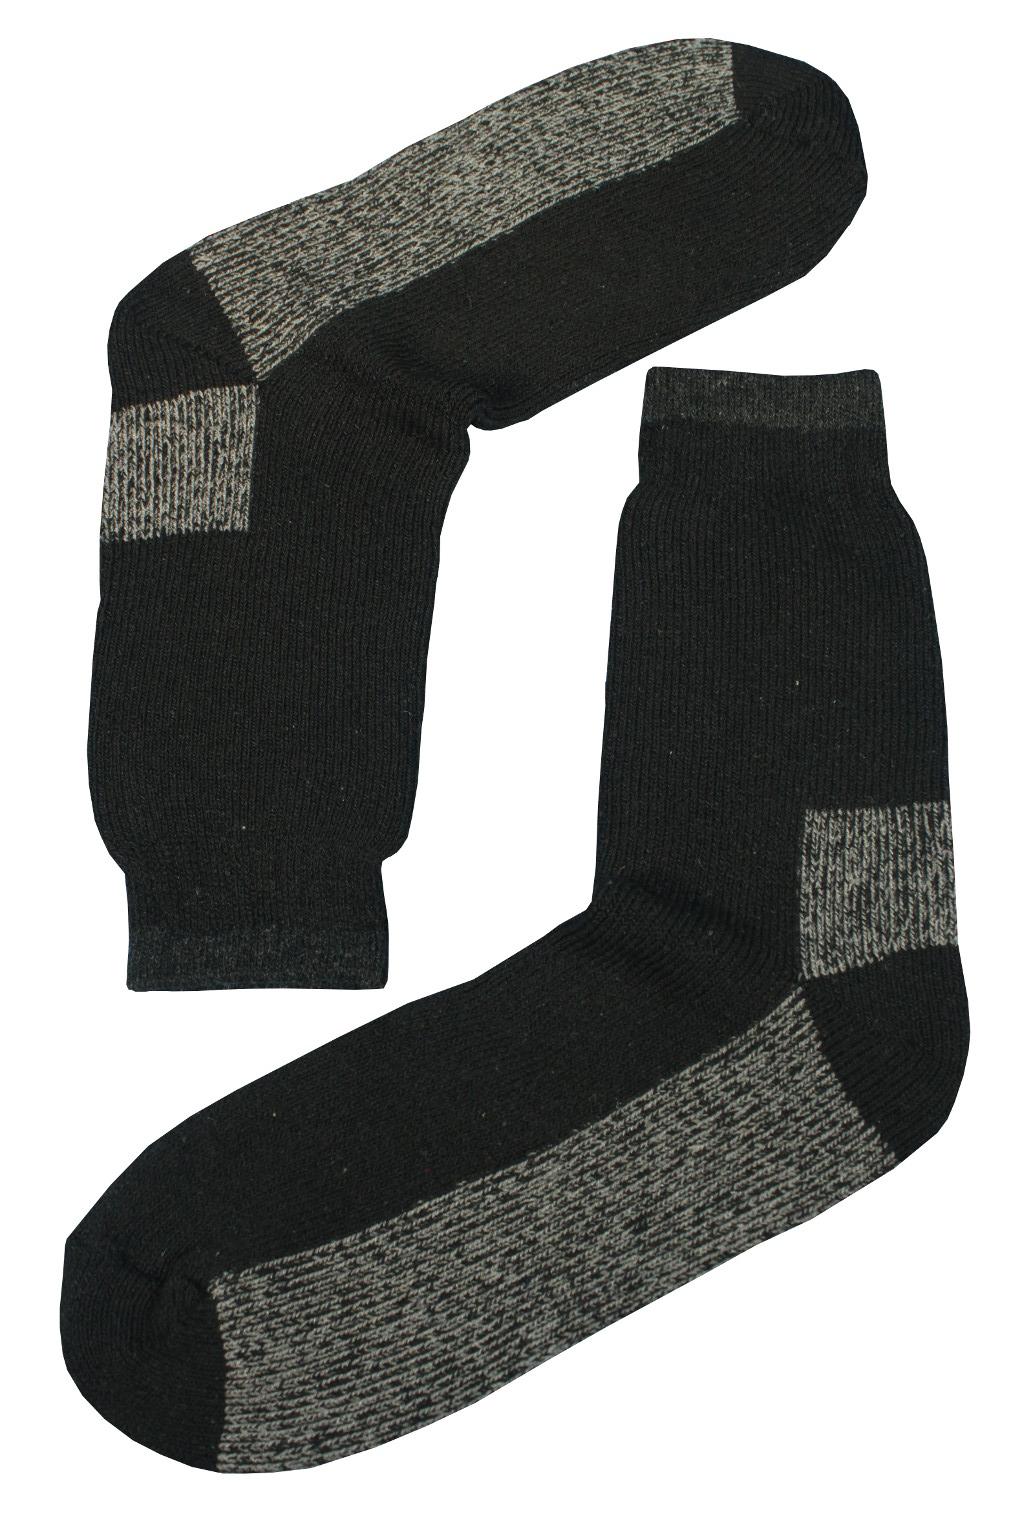 Teplé vlněné ponožky Thermo 39-42 černá